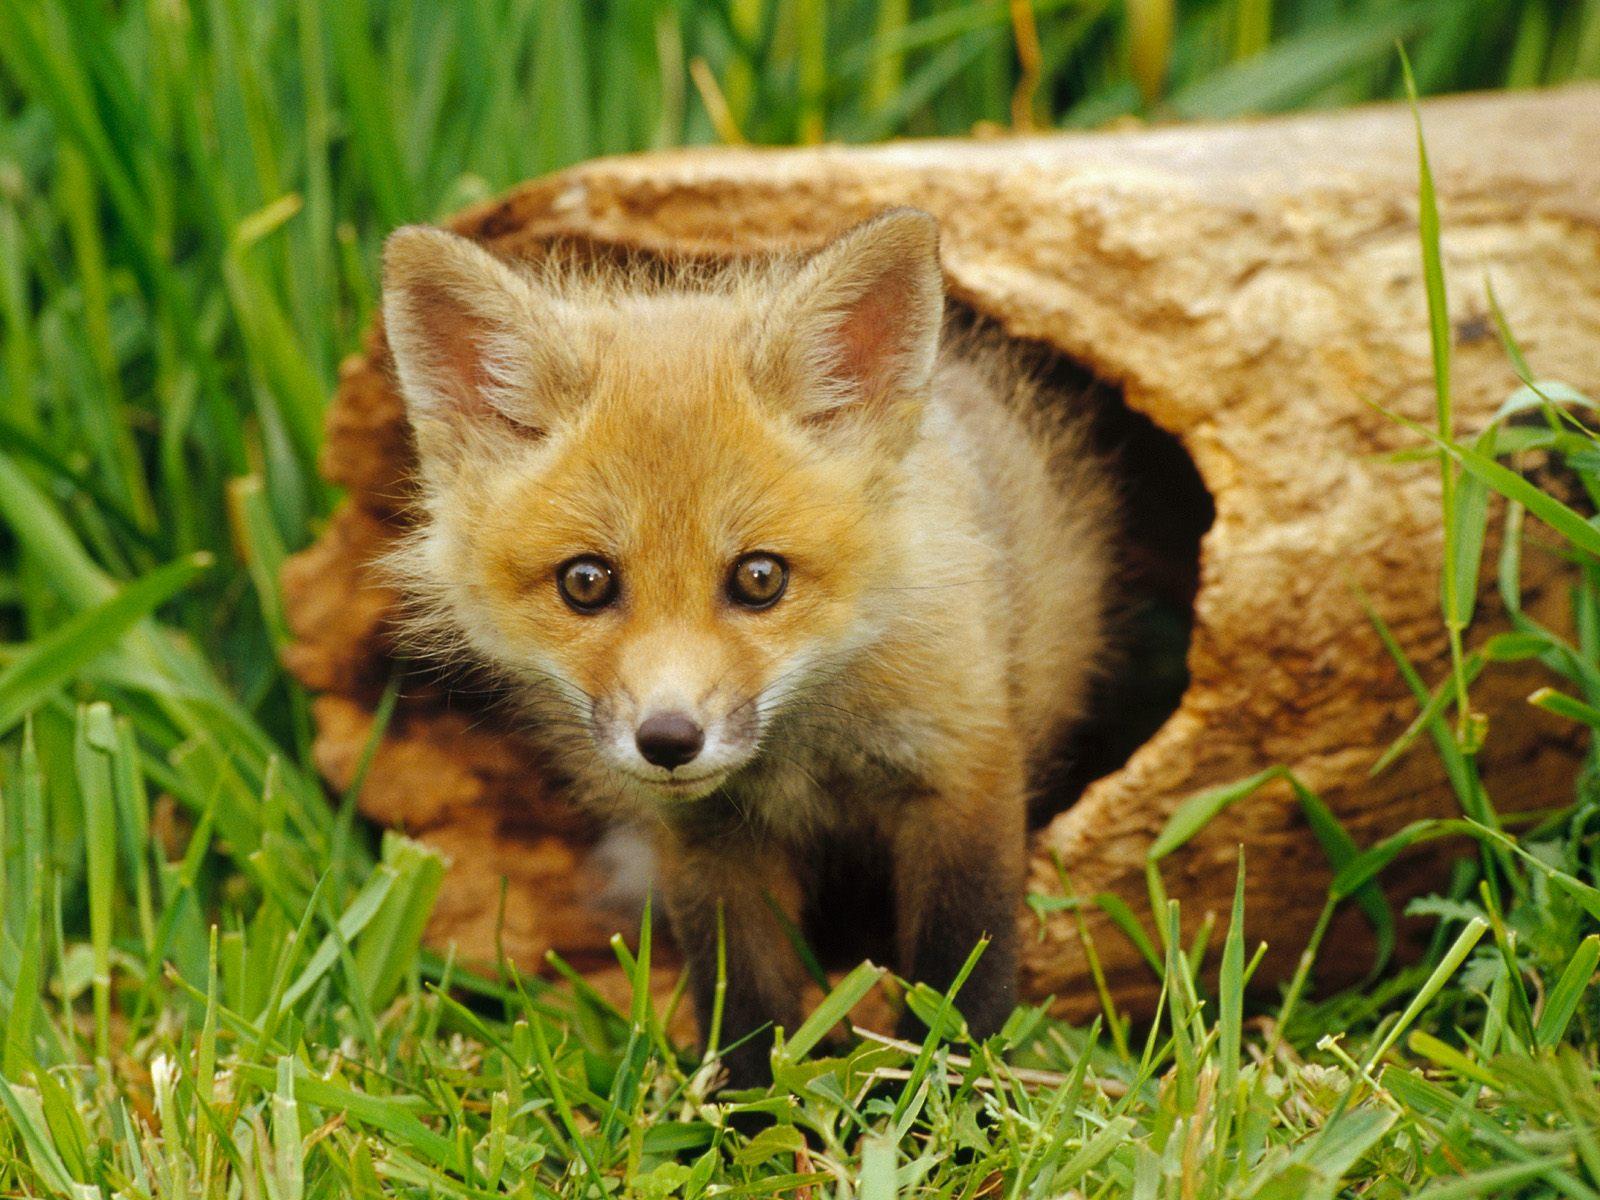 http://1.bp.blogspot.com/-huWUx_EaSm4/TgbnqATU5GI/AAAAAAAAAE8/BoxsR7Usx8U/s1600/animal-wallpaper-01.jpg